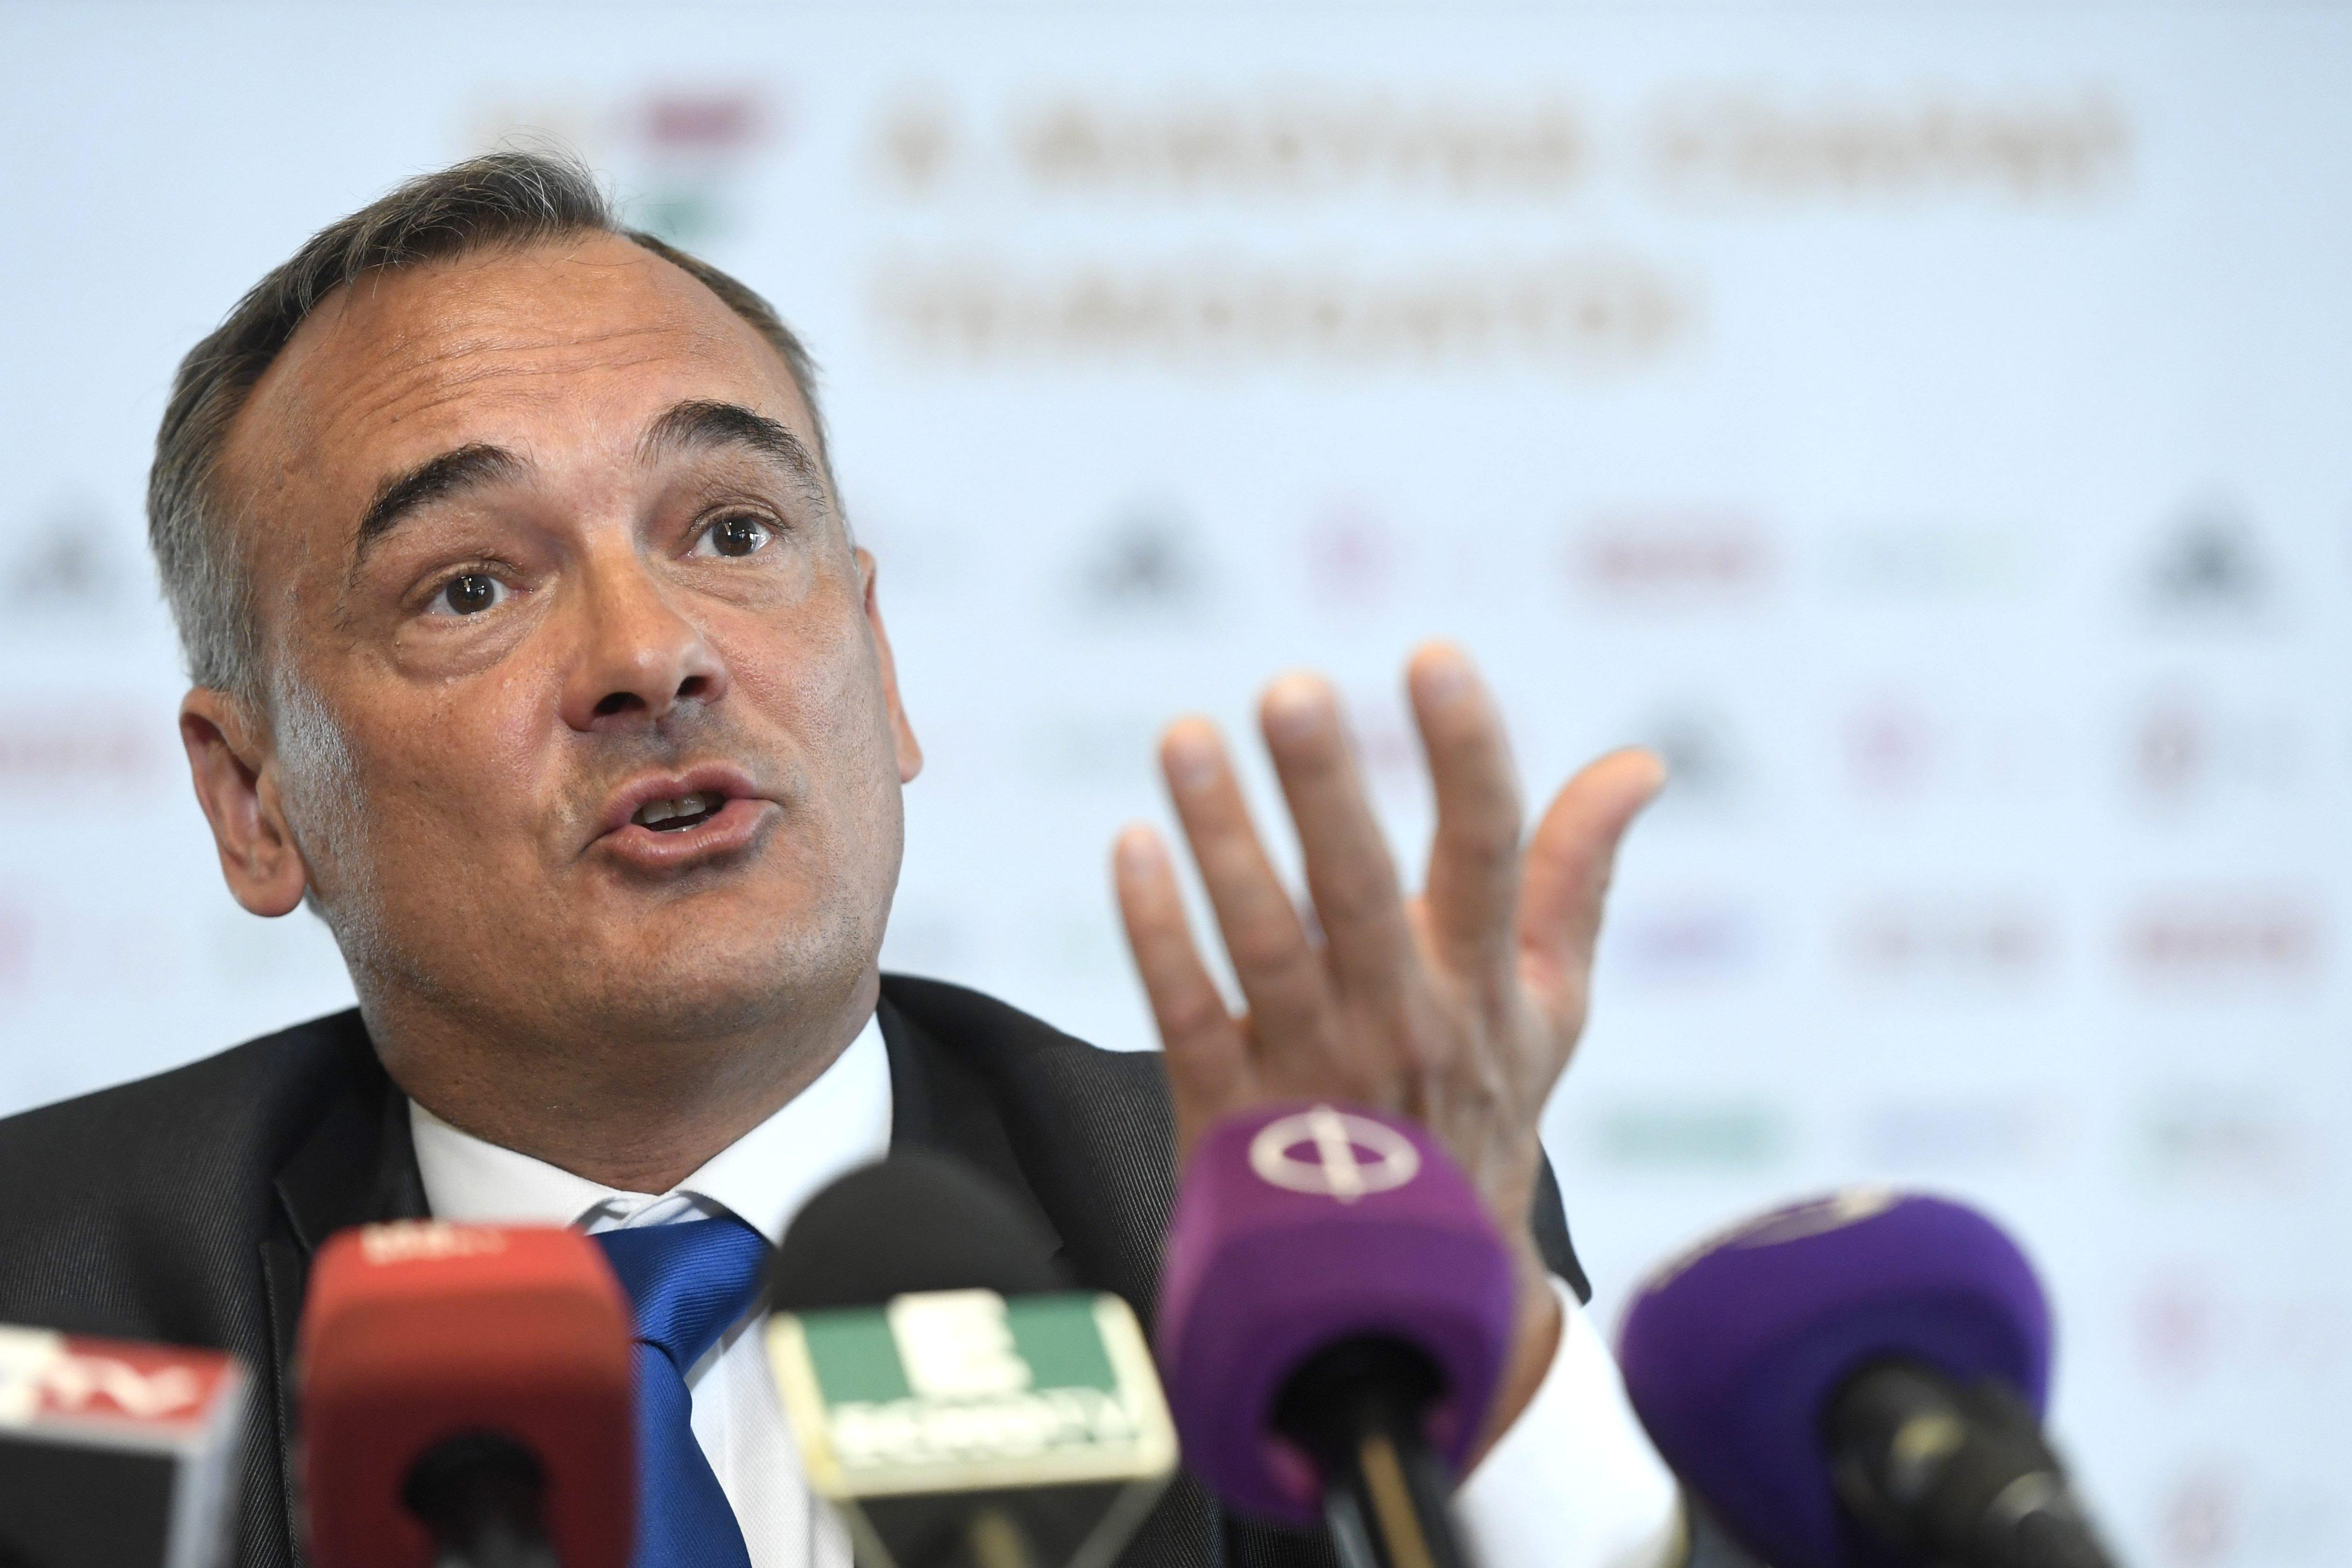 18 milliárdnyi közbeszerzést nyertek Borkai polgármestersége alatt a botrányában emlegetett vállalkozók